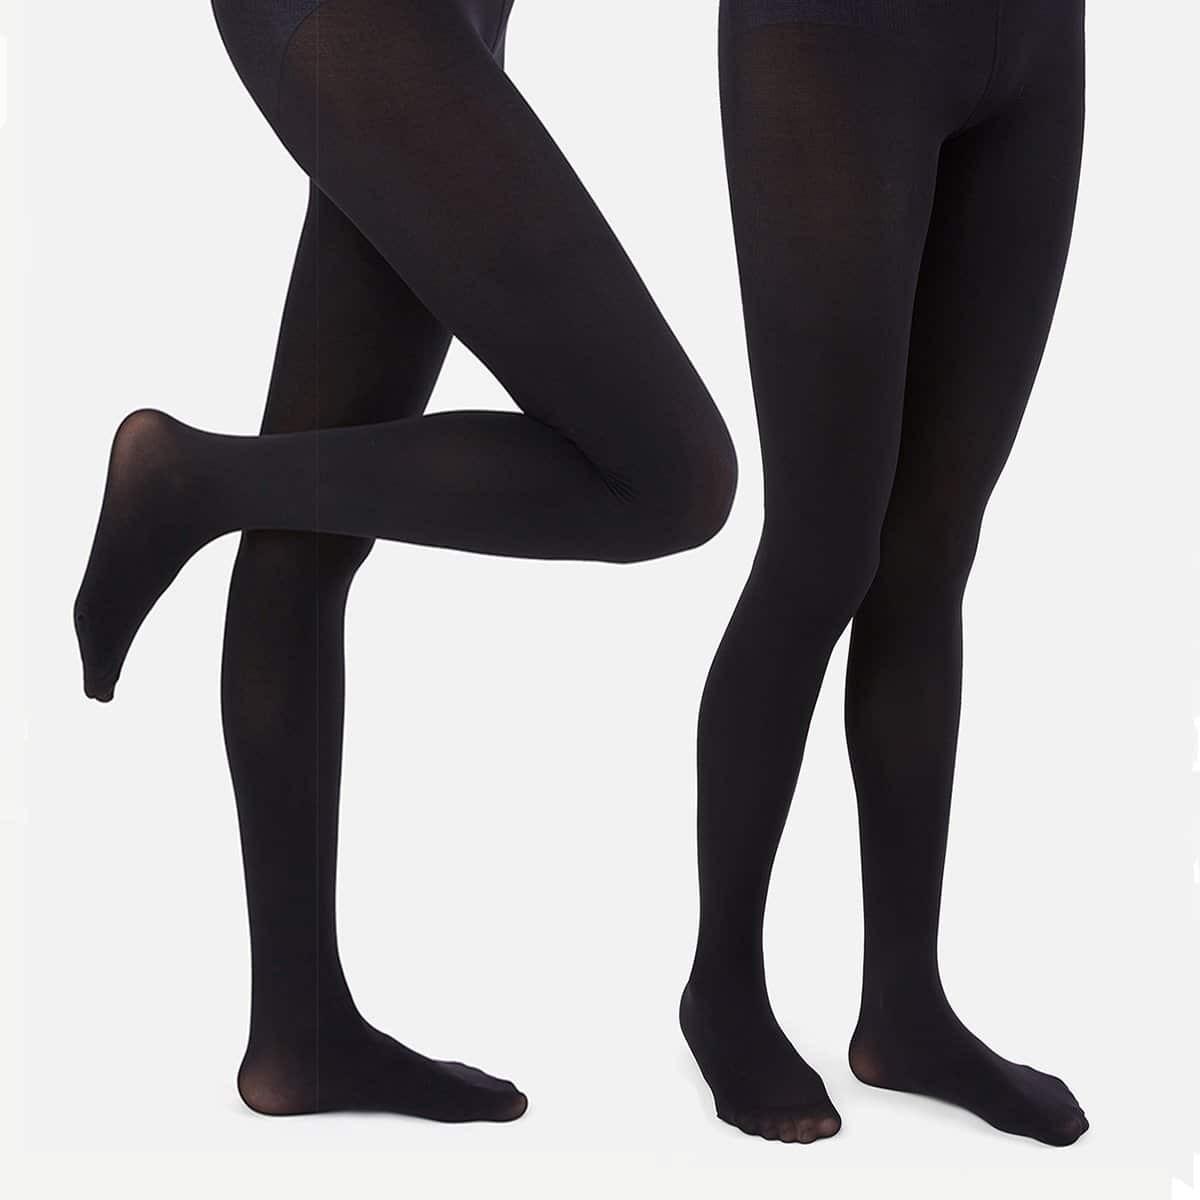 120D Plain Sheer Panty 2st